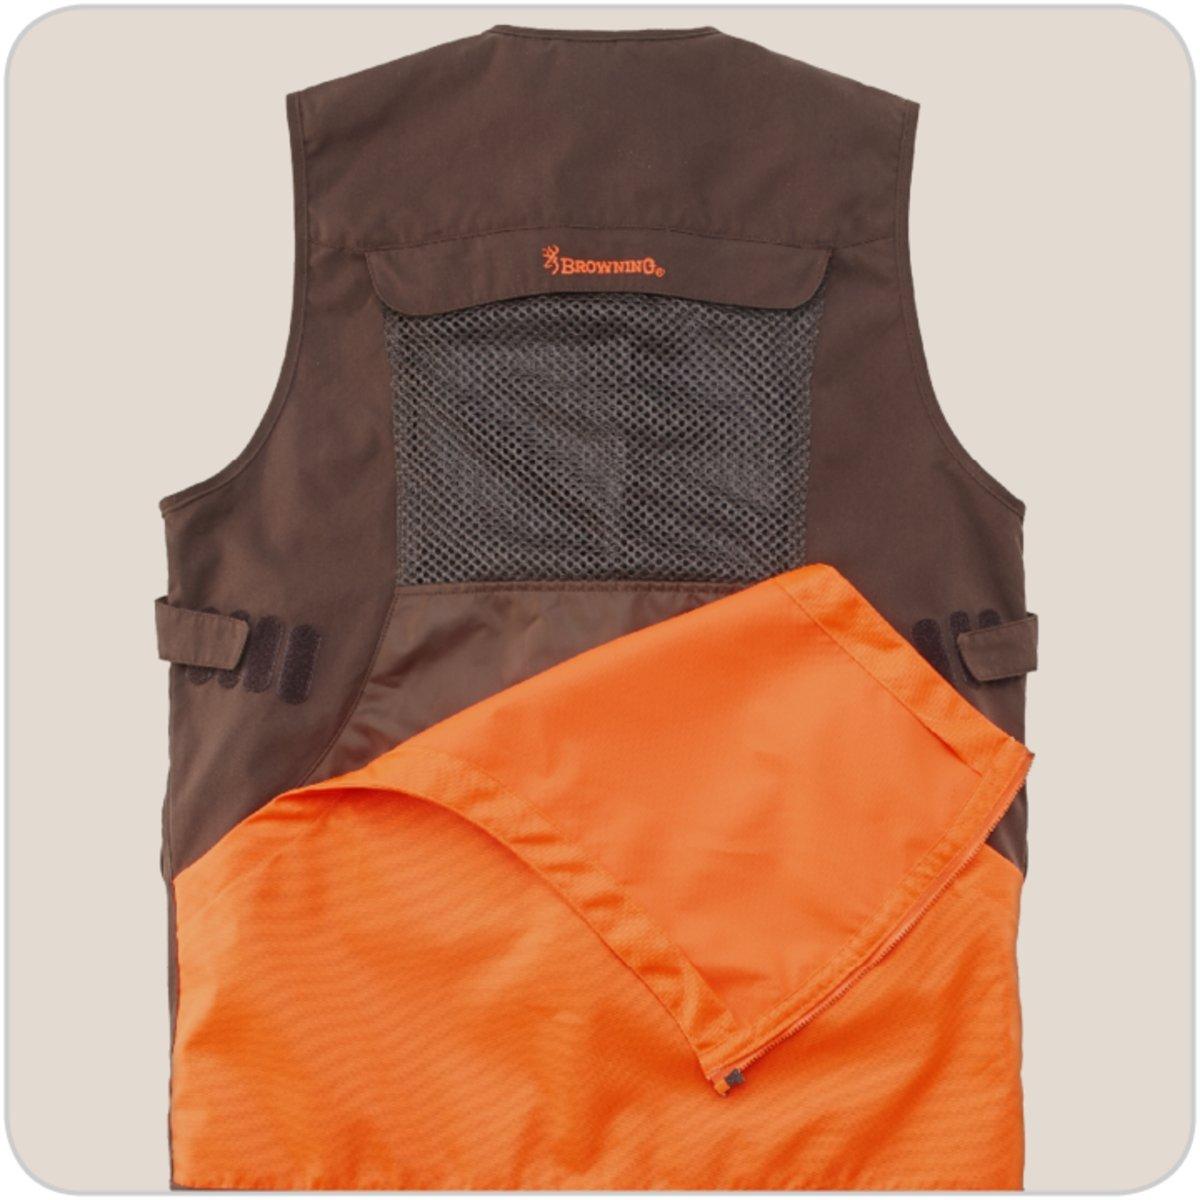 Browning Chaleco de Caza Upland Hunter Visibilty Naranja, Naranja, Large: Amazon.es: Deportes y aire libre